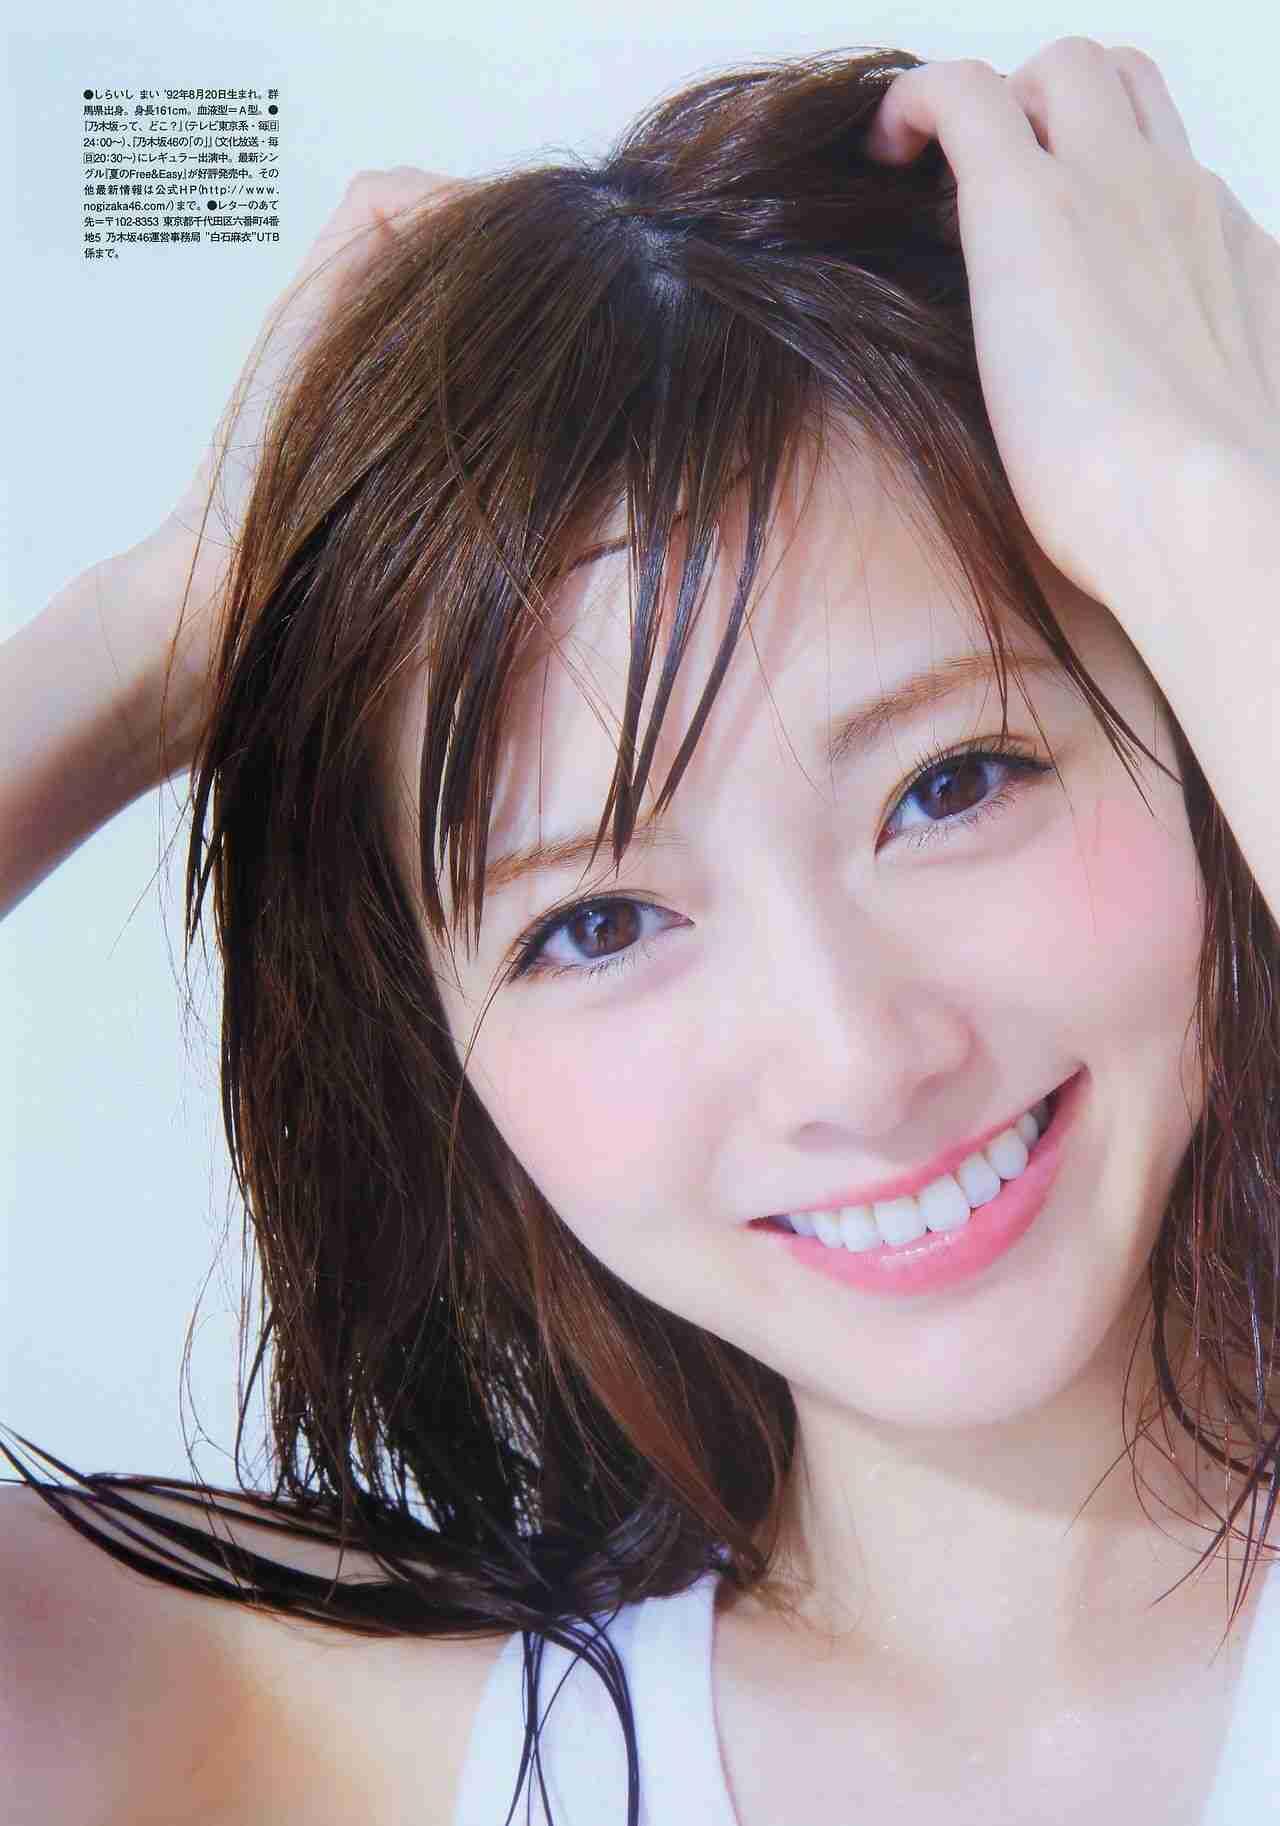 白石麻衣さん、安田章大さんのファンから昇格?熱愛噂は本当か?のサムネイル画像